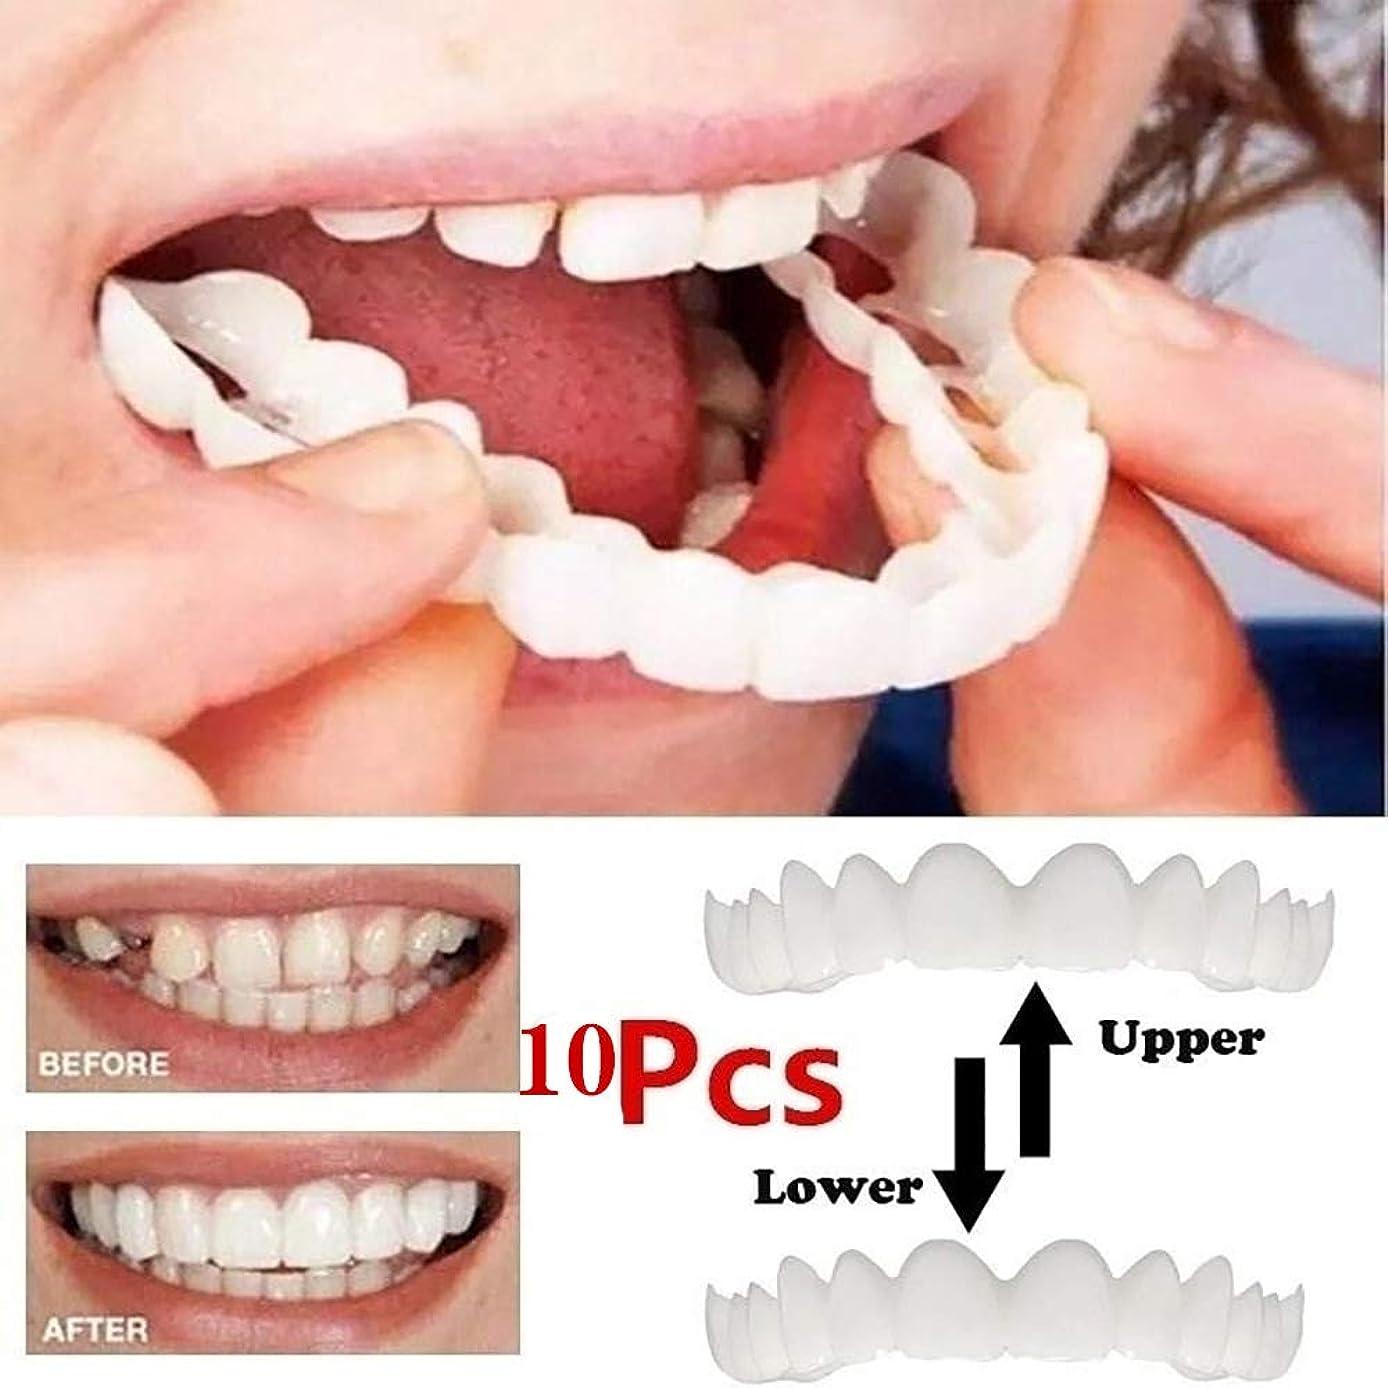 ジュースオンス薄い突き板の歯、化粧品の歯5組 - 一時的な微笑の慰めの適合の屈曲の化粧品の歯、1つのサイズはほとんど合い、快適な上および最下のベニヤ - 歯のベニヤ(底+上)